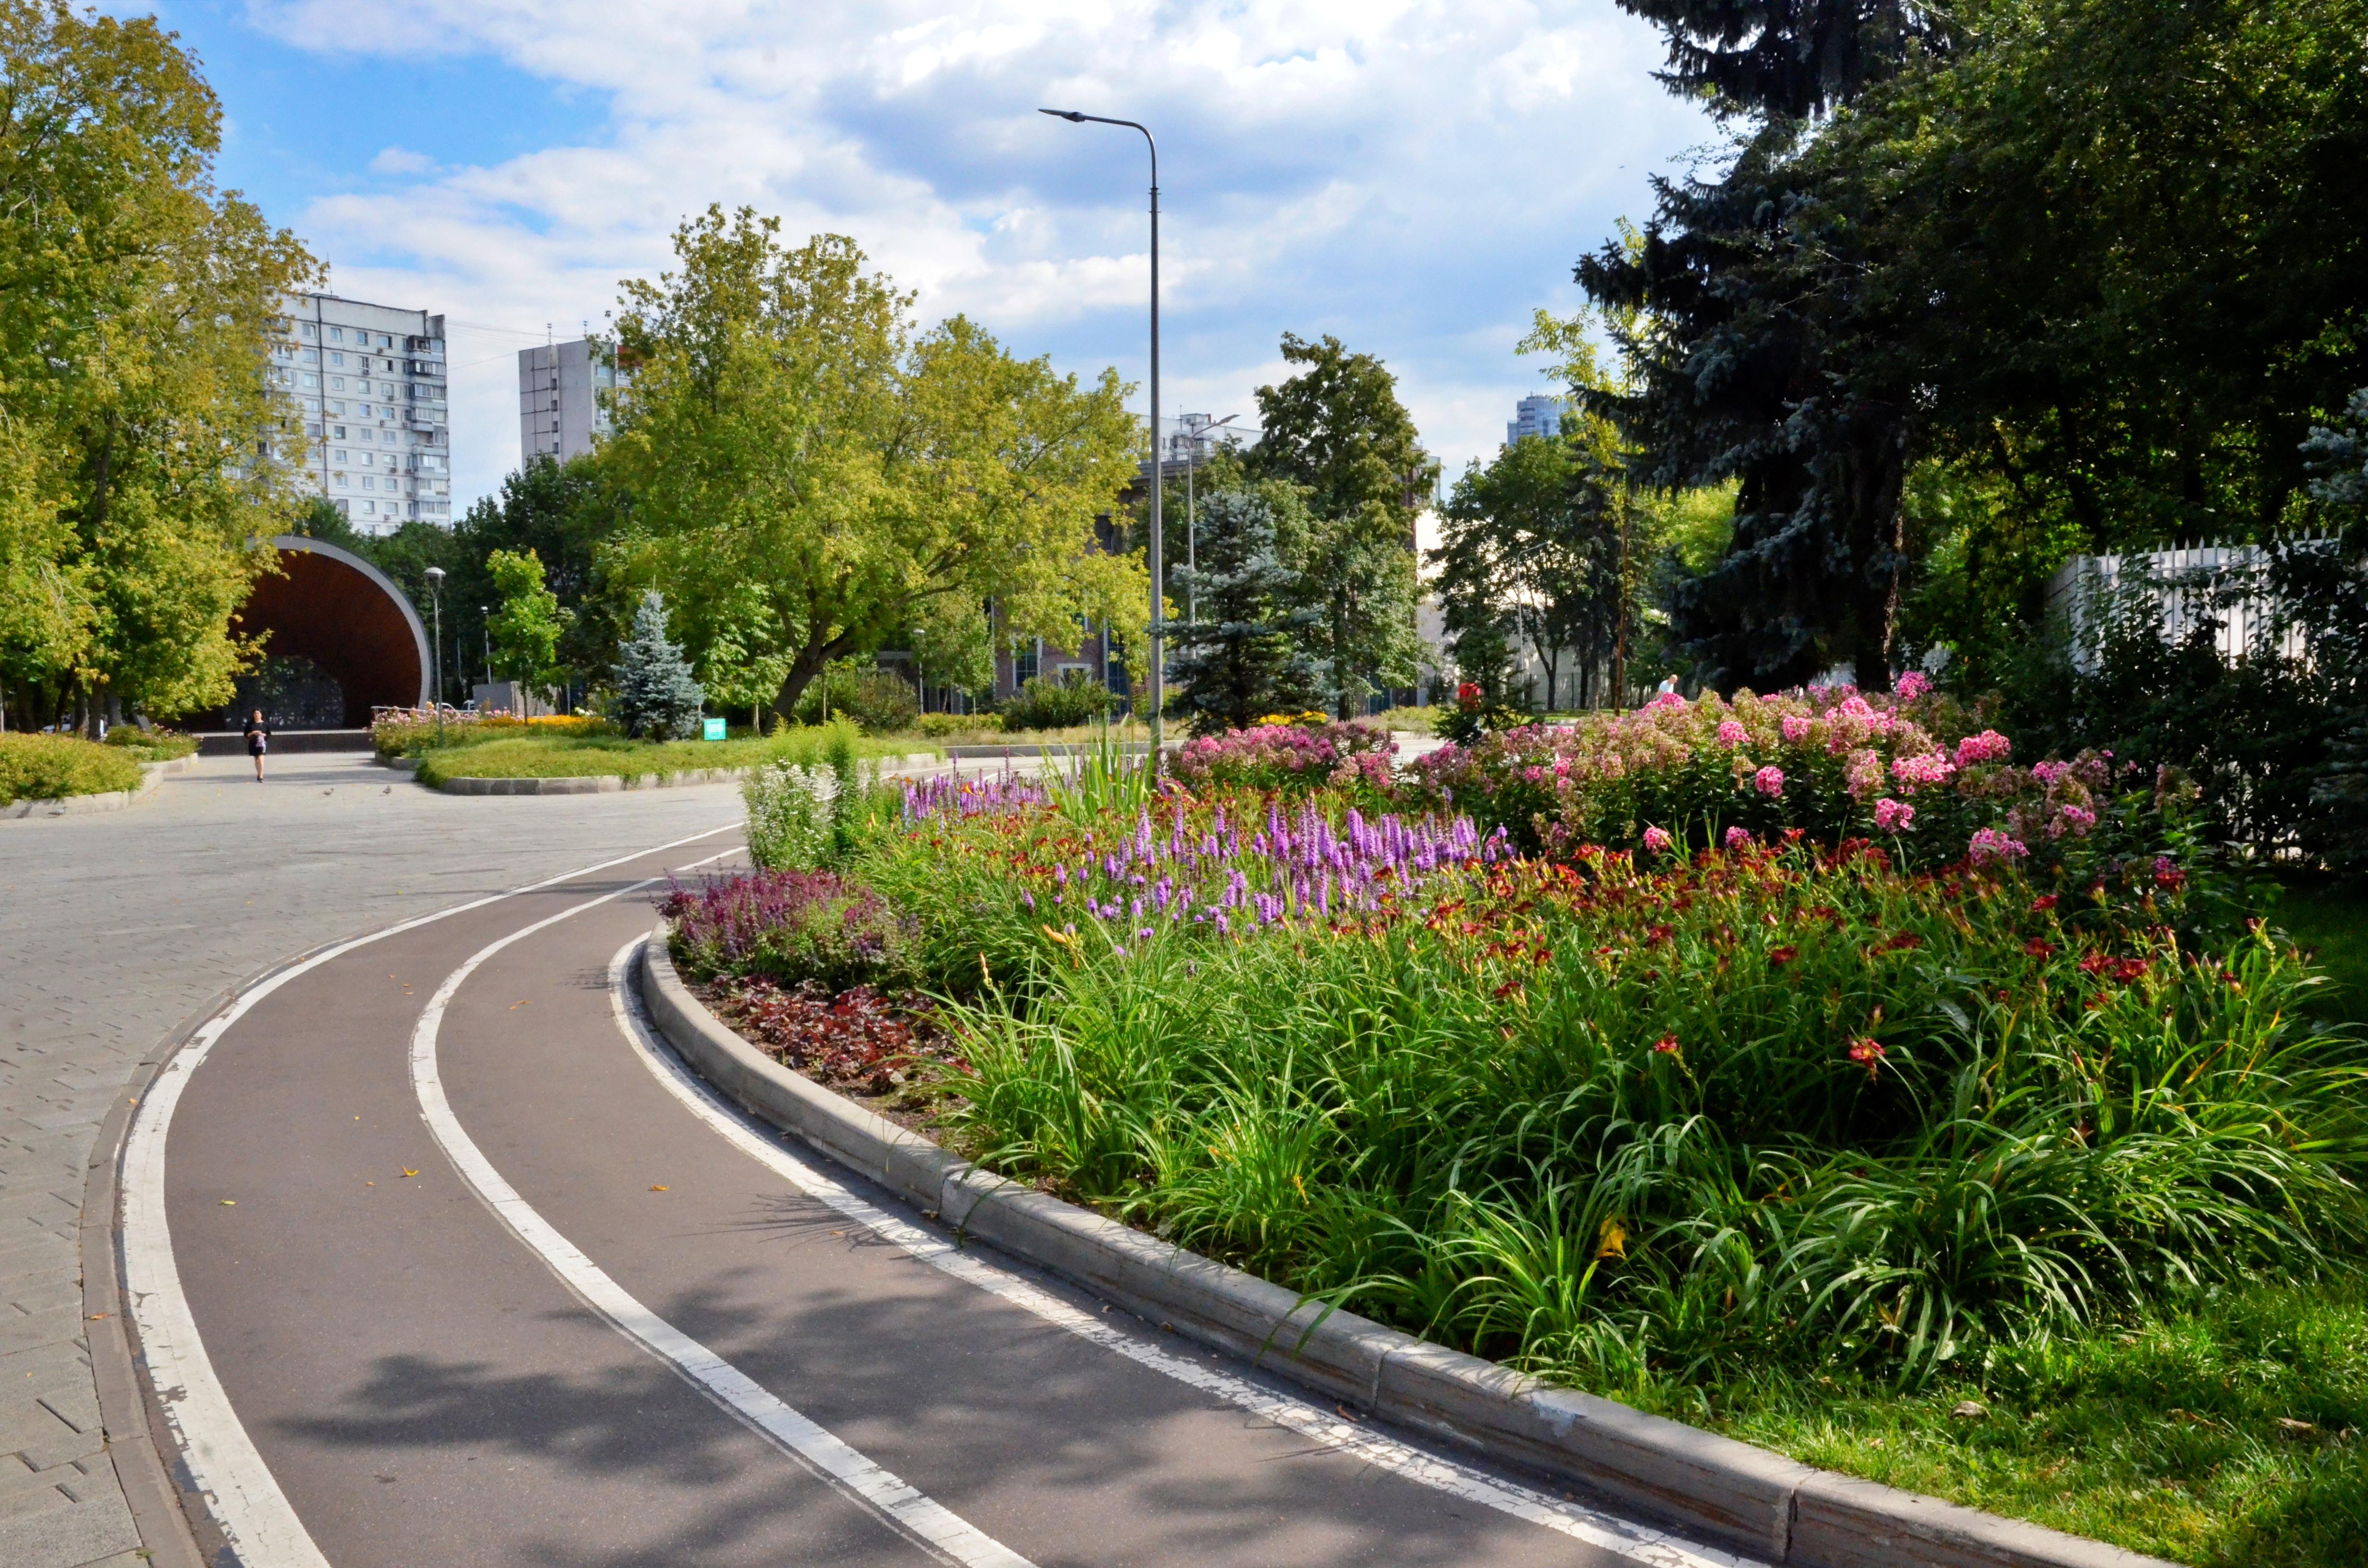 Депутат Мосгордумы Игорь Бускин рассказал о трансформации столичных парковых территорий